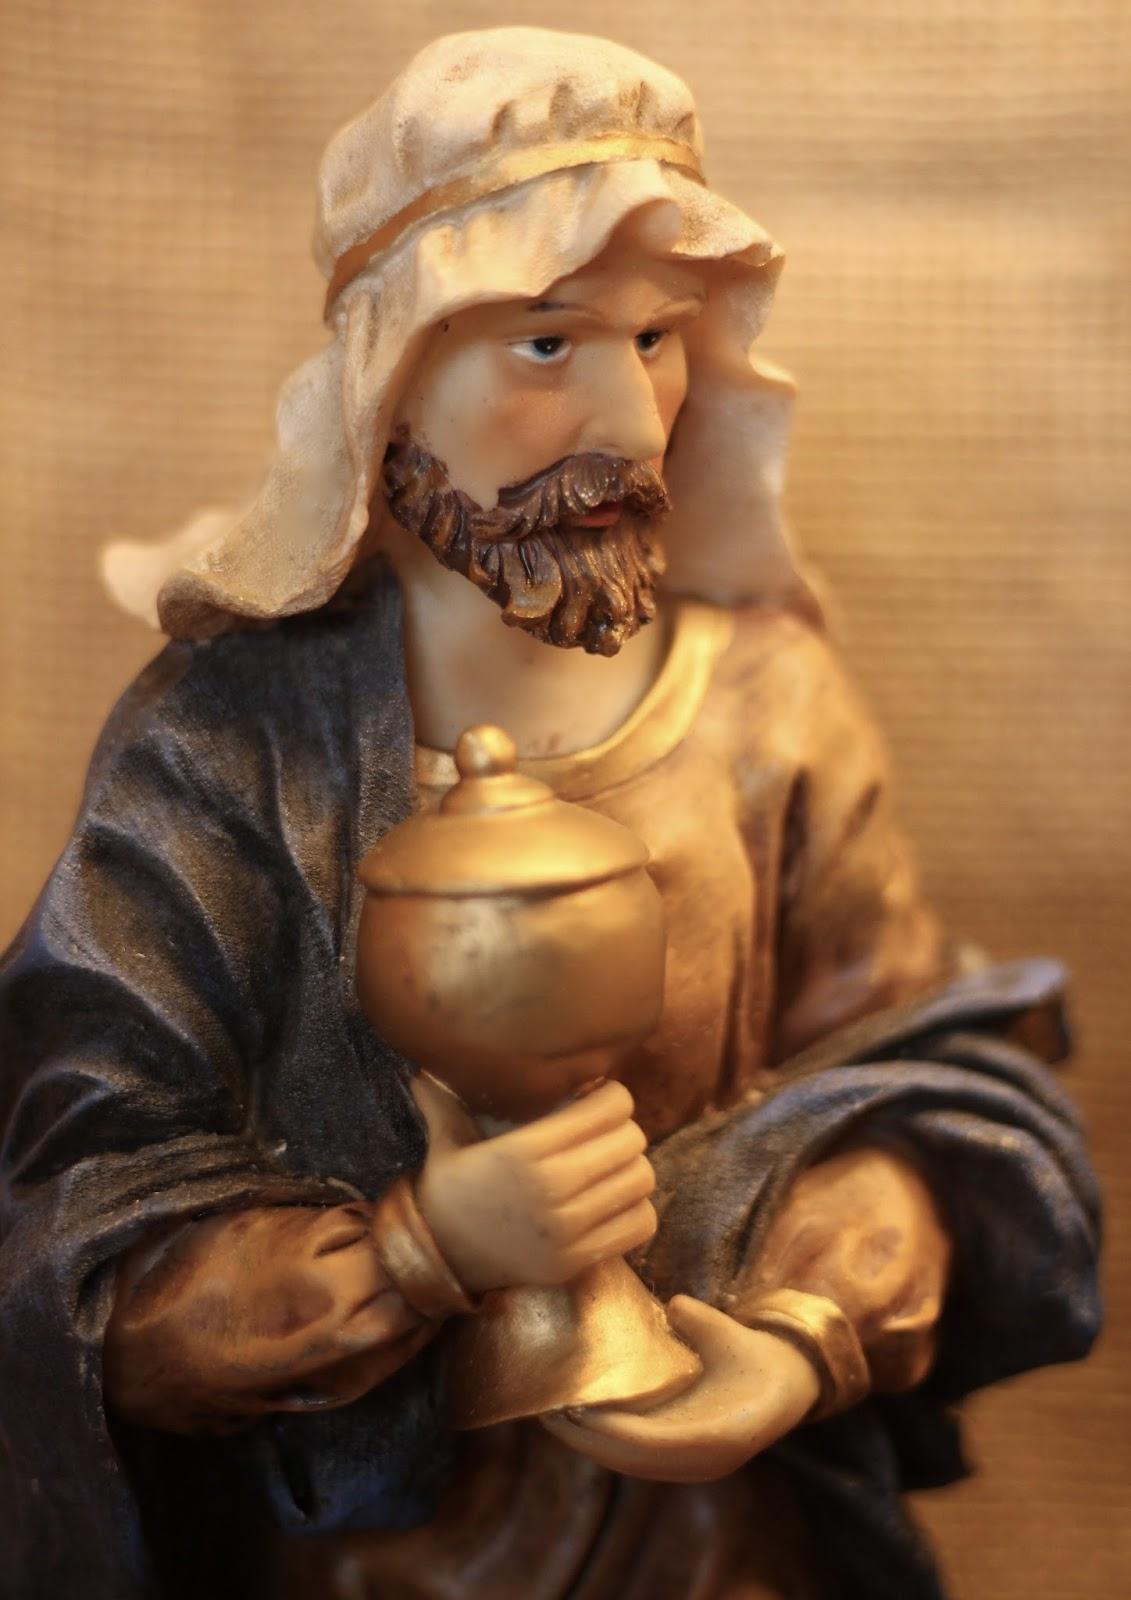 Selbst gebaute Weihnachtskrippe mit Figuren aus Polyresin oder Kunstharz:Heiliger König mit goldener Urne